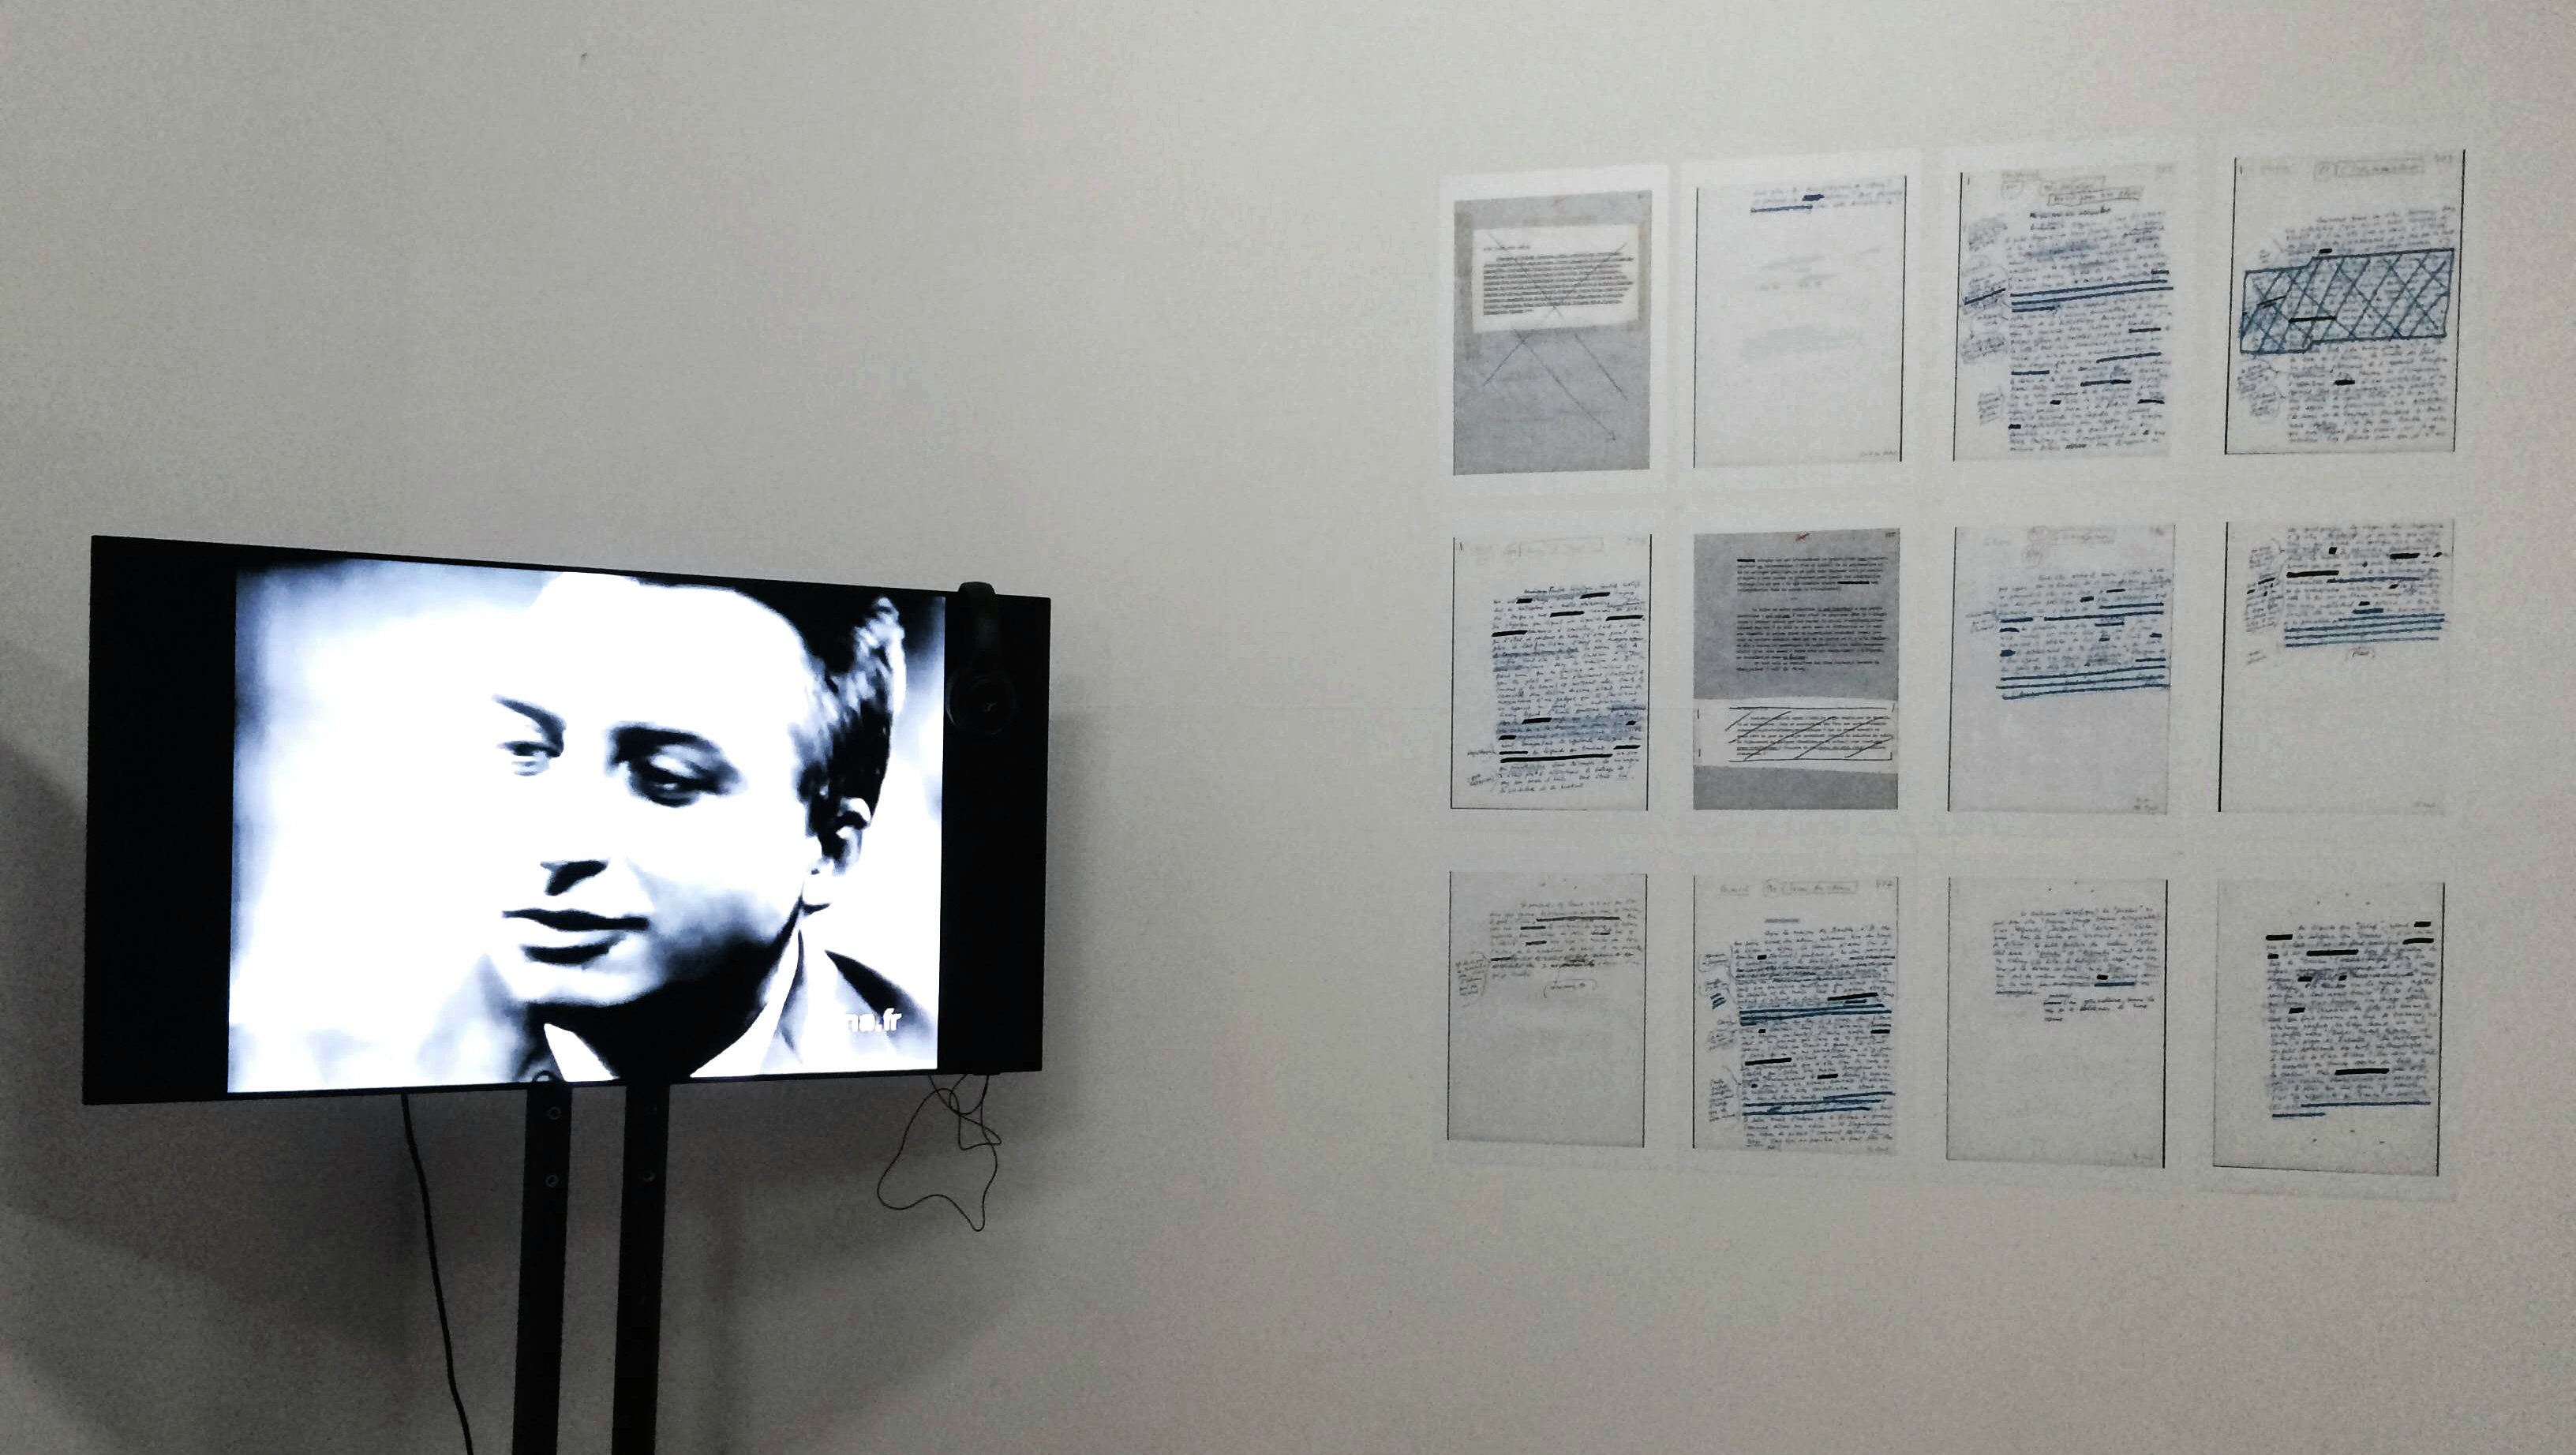 На выставке Ролан Барт. Ключевые слова